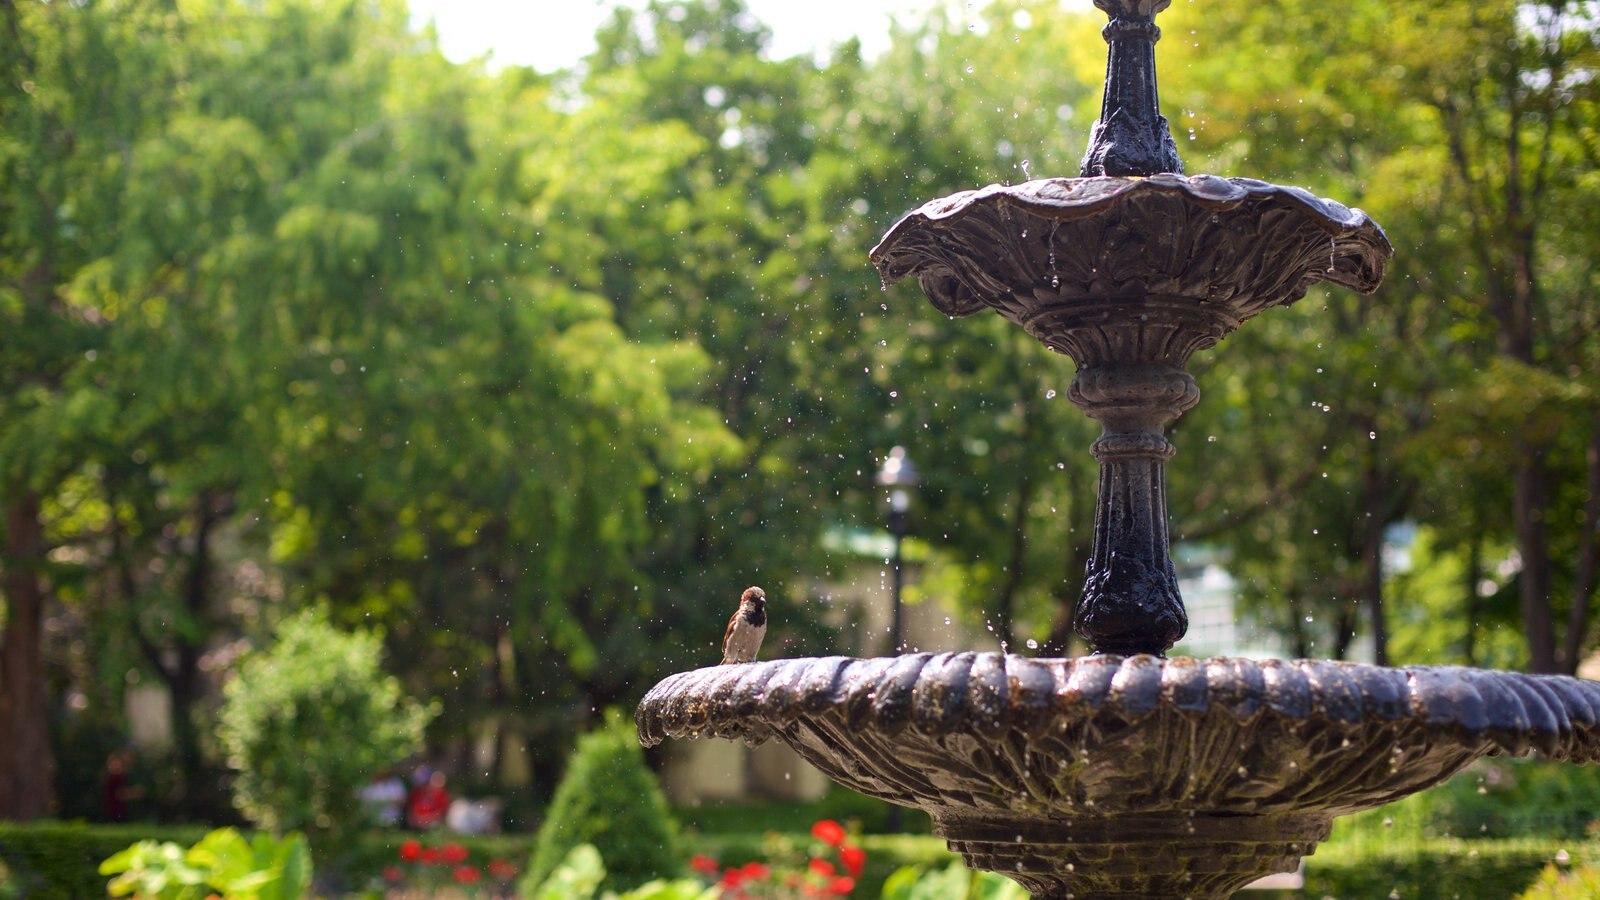 Old Town caracterizando um jardim, uma fonte e vida das aves